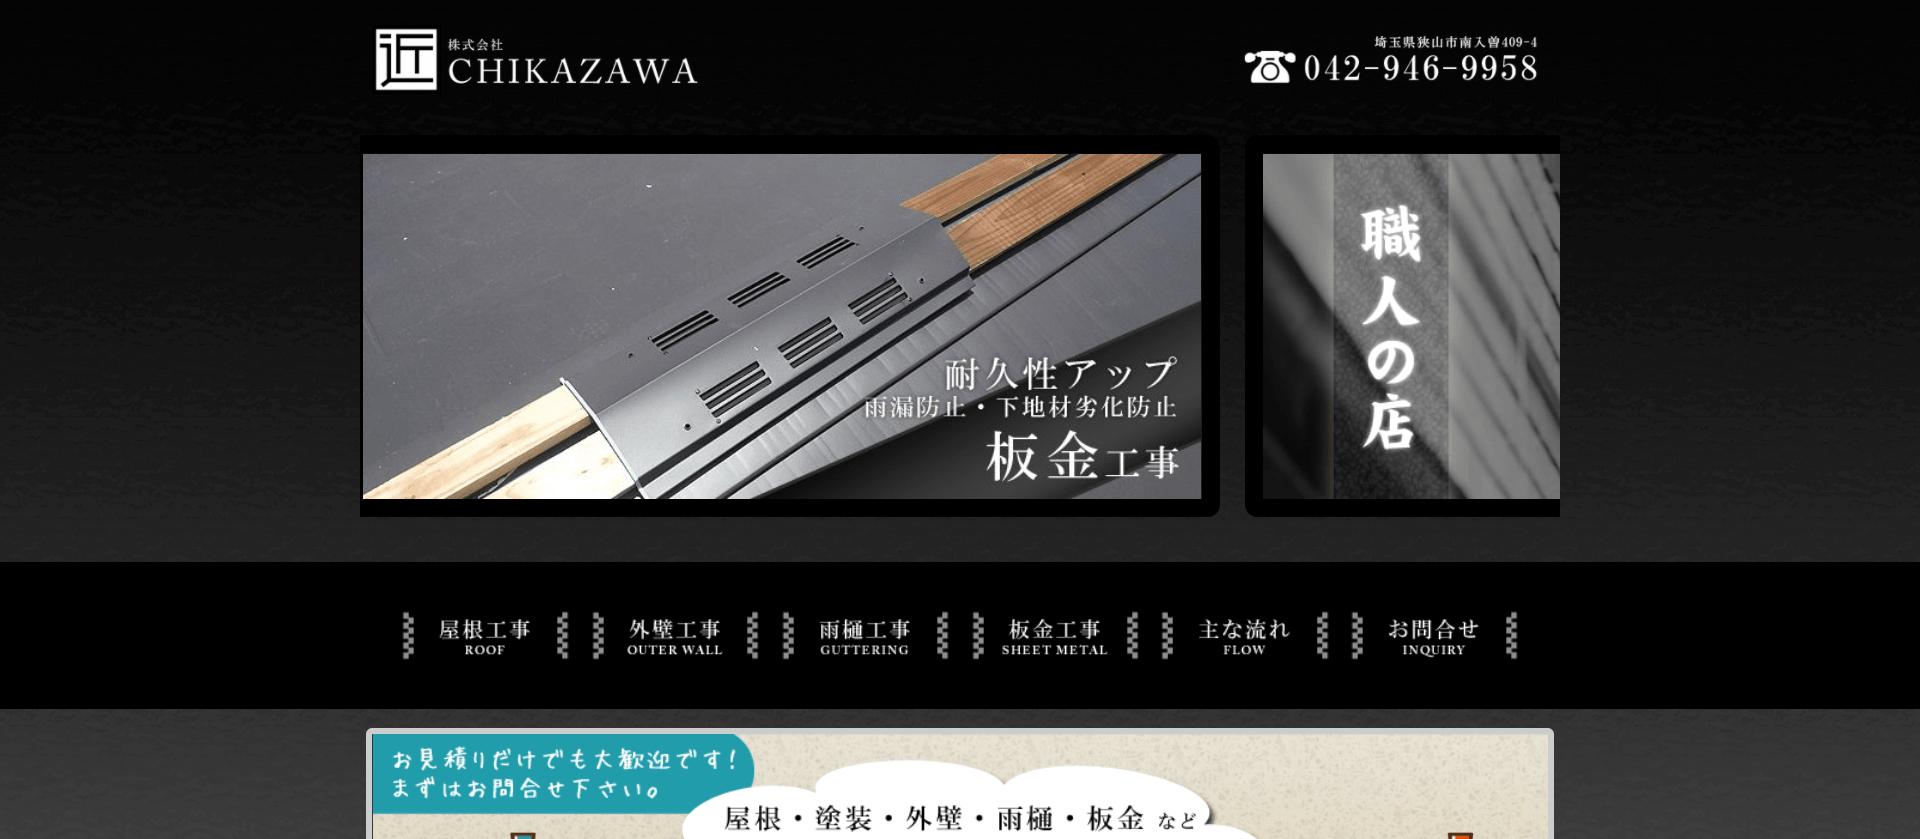 過去実績事例|ウェブ制作|施工会社・株式会社CHIKAZAWA・CHIKAZAWA CORPORATION INC|VICENTE | ウェブ制作、ニューヨーク、ウェブデザイン、東京、映画、公式サイト、日英語字幕翻訳、オフィシャルサイト|web design, web development, new york, film, film translation